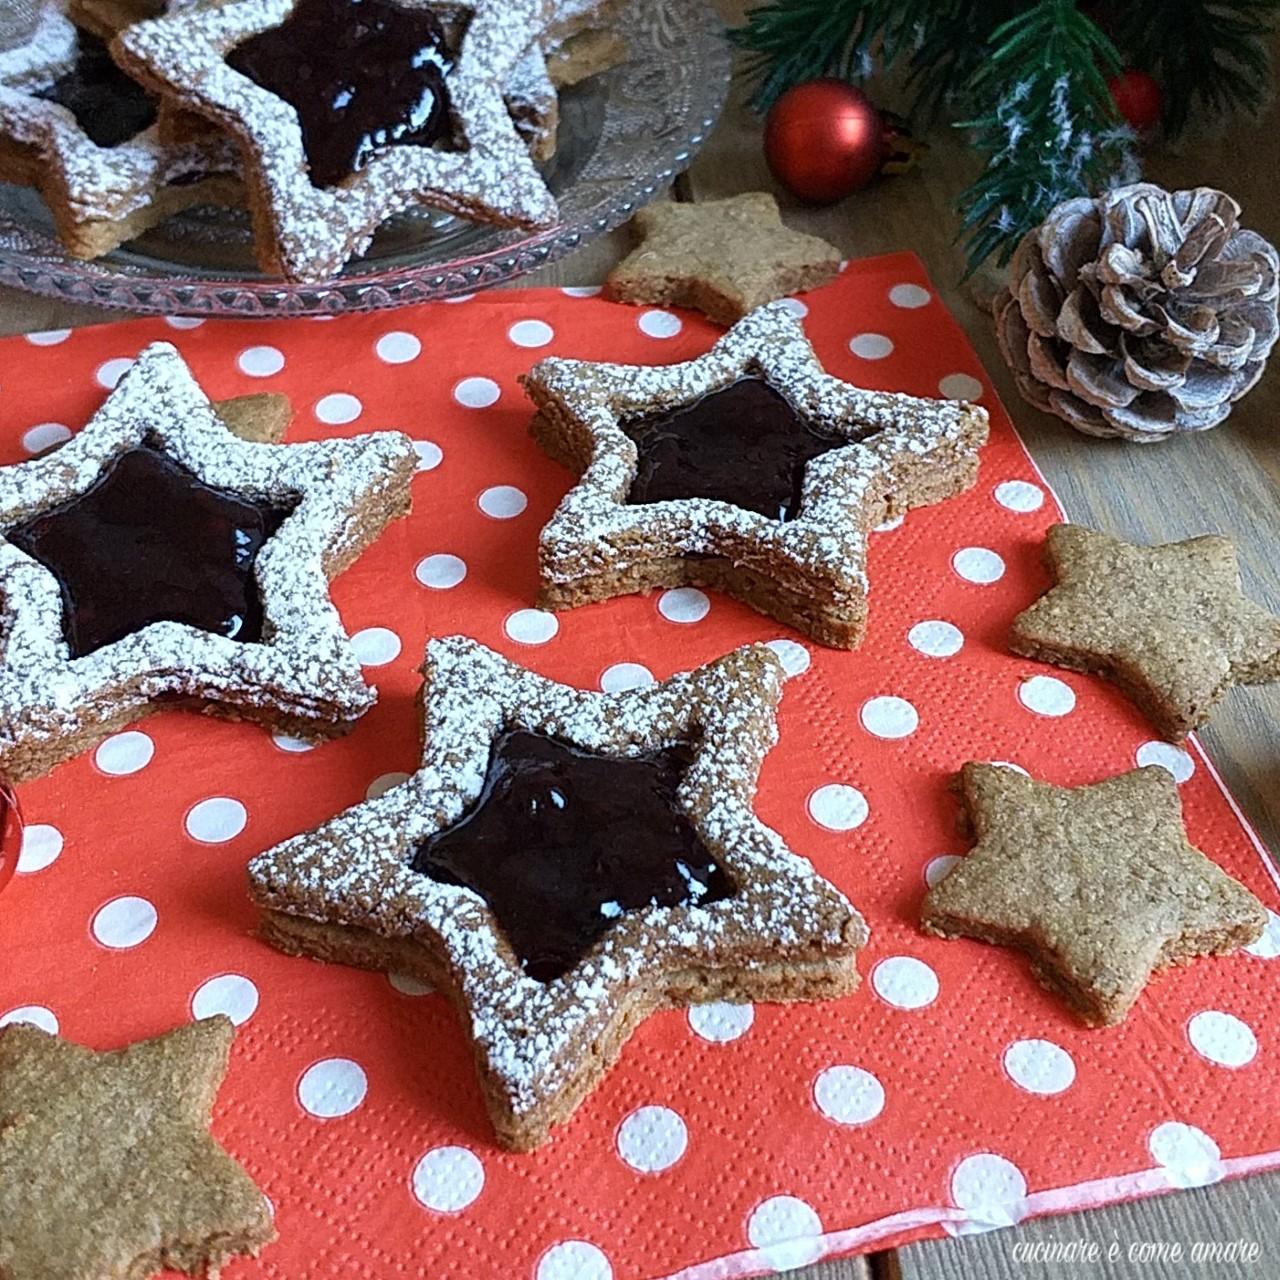 Biscotti Di Natale Con Marmellata.Biscotto Speziato Con Marmellata